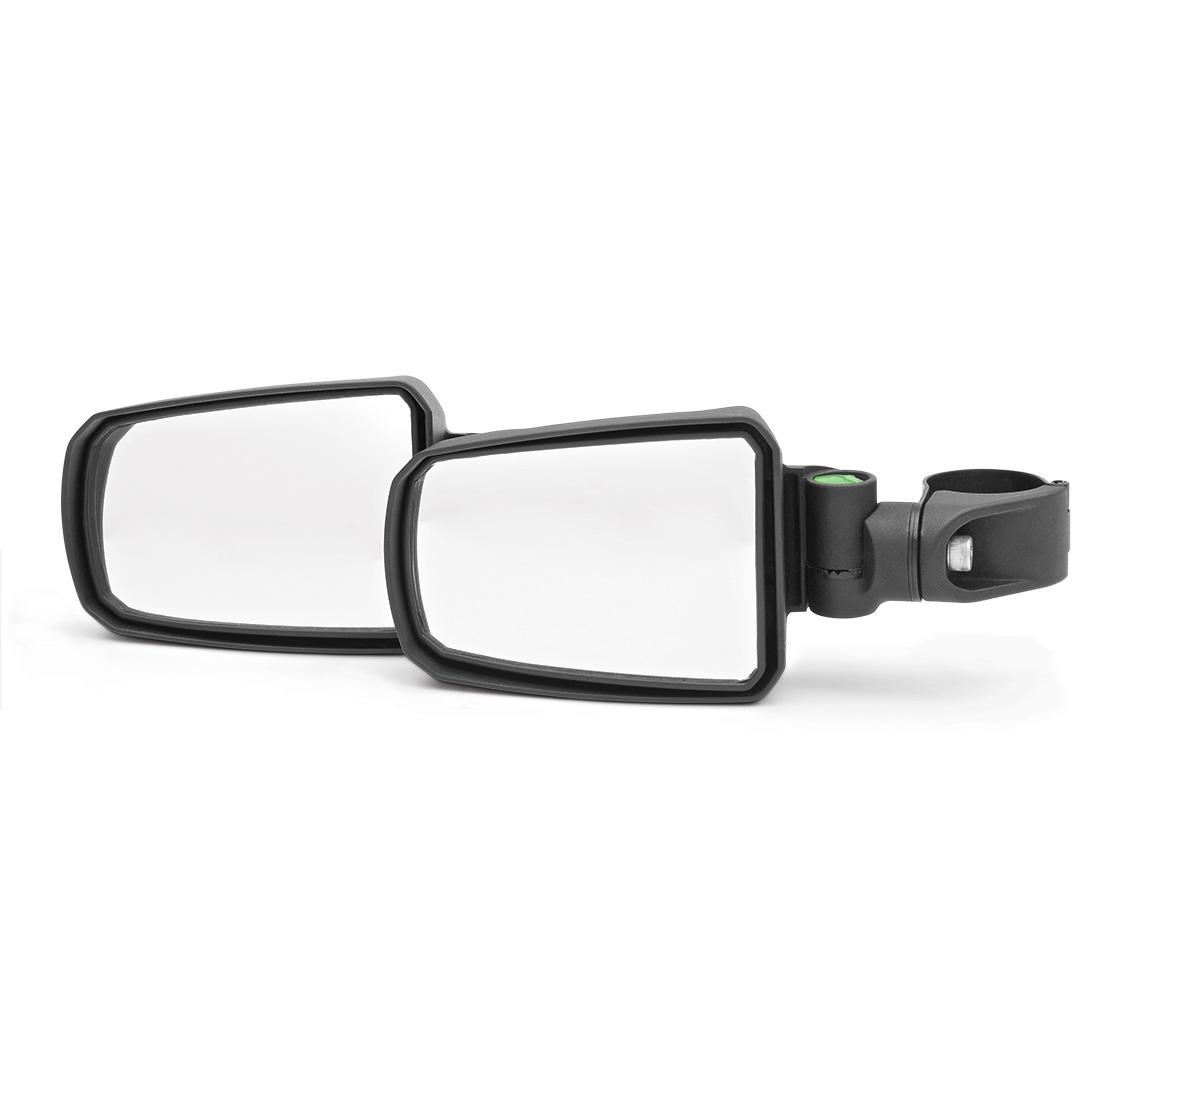 emp Winch Mounting Plate Fit 2020 Kawasaki Teryx KRX 1000 14022